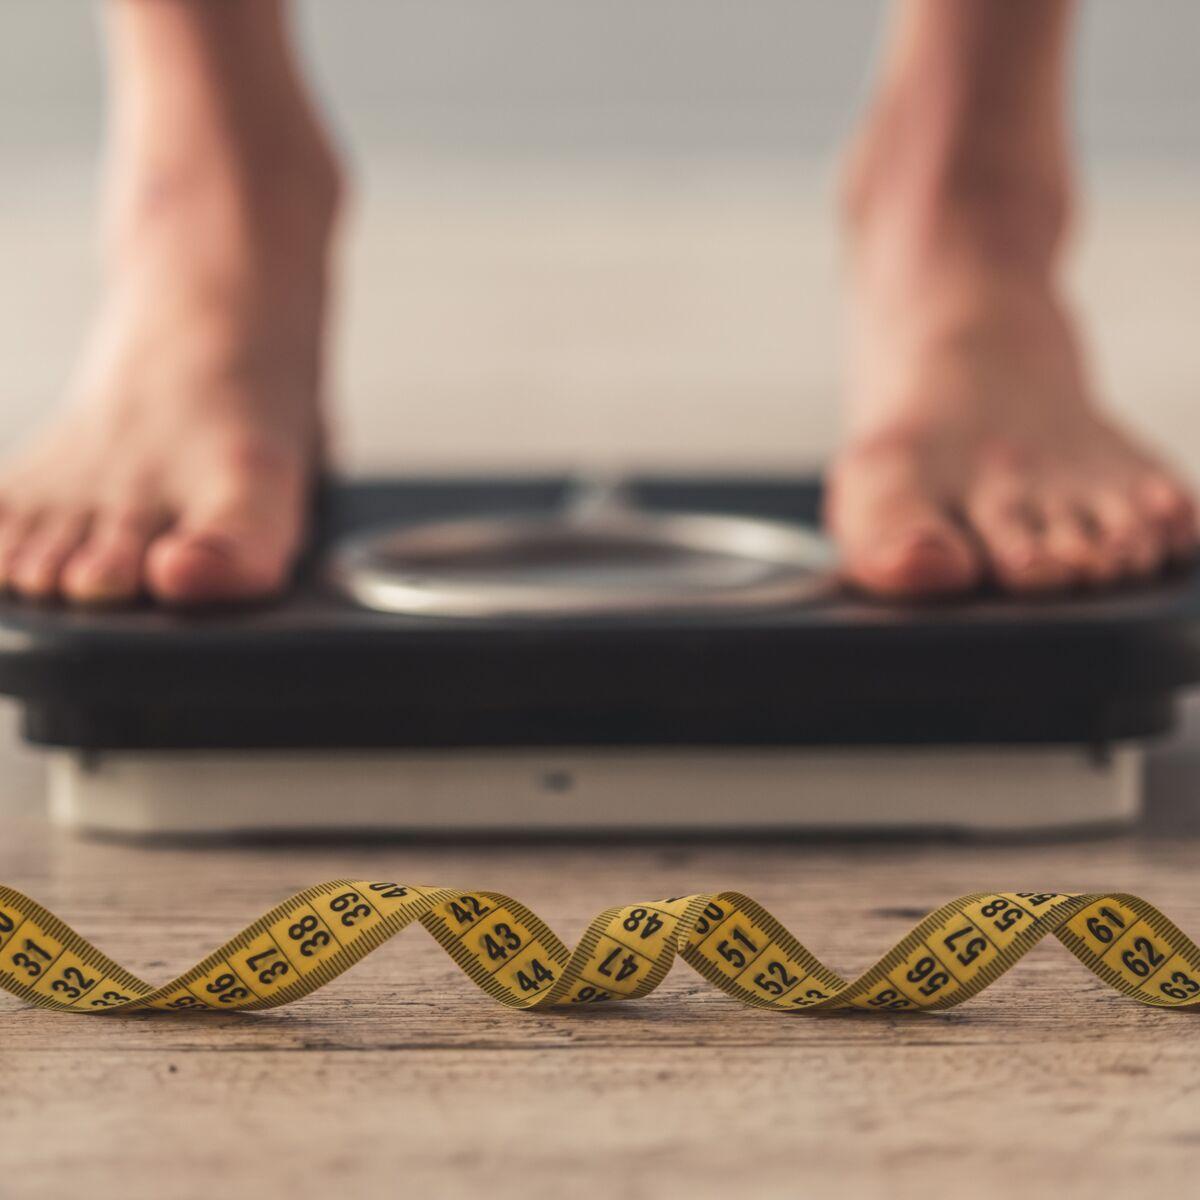 une anémie sévère entraîne-t-elle une perte de poids maladie cœliaque mais pas de perte de poids